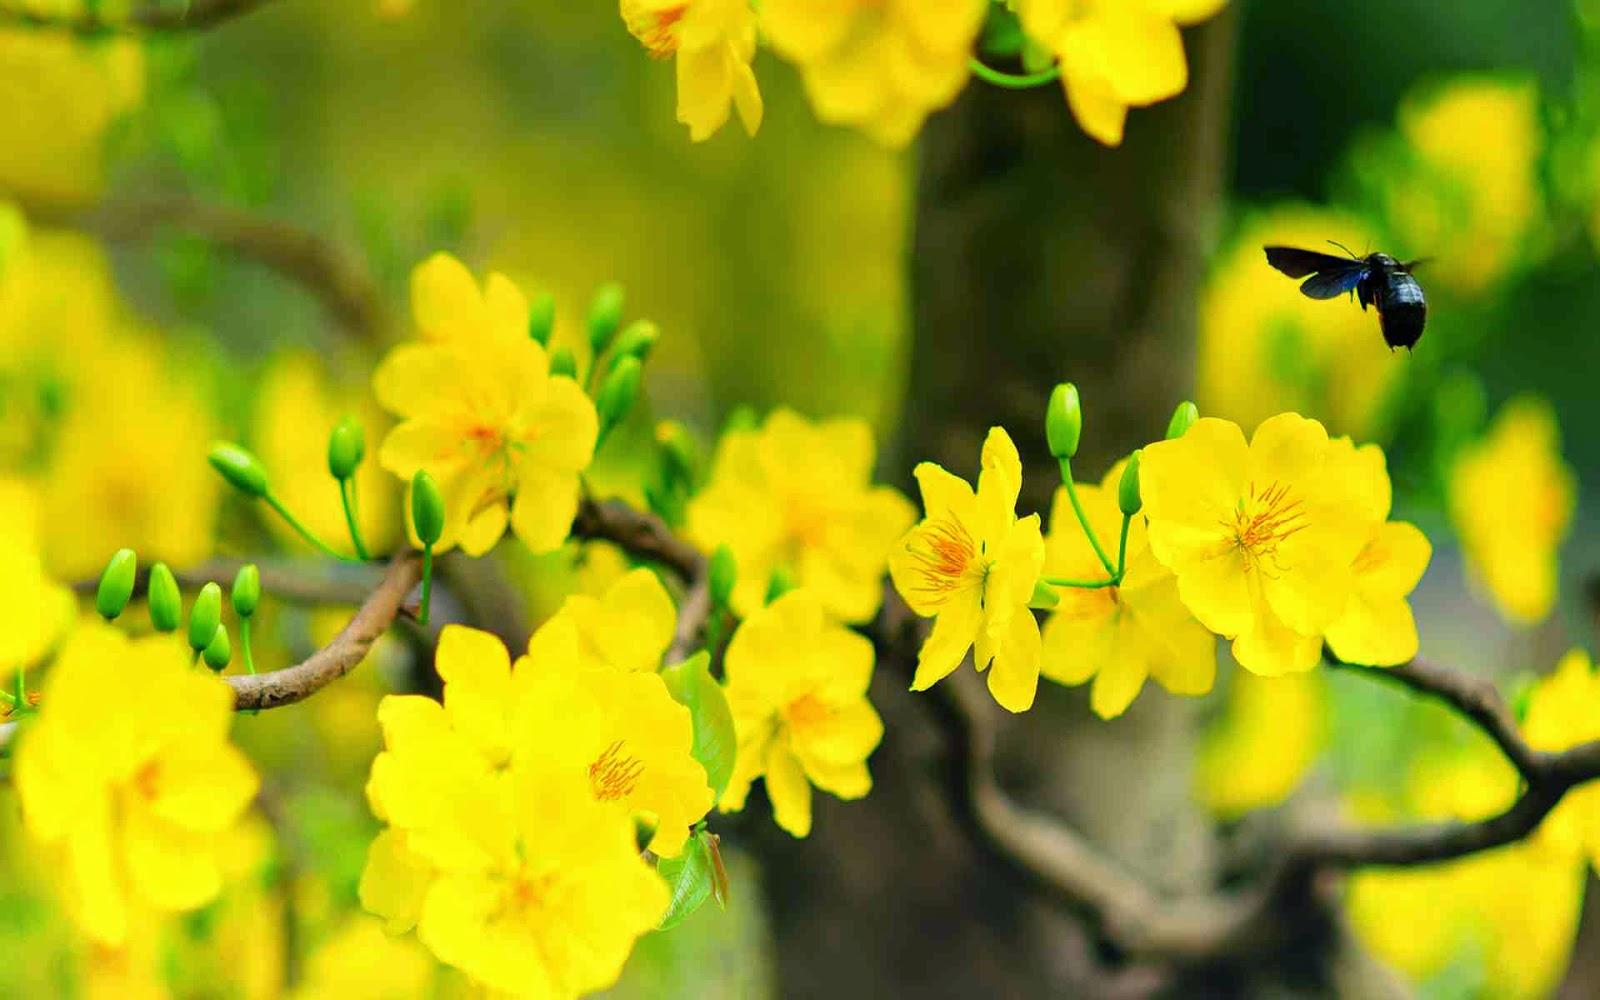 hình nền hoa mai đẹp cho pc